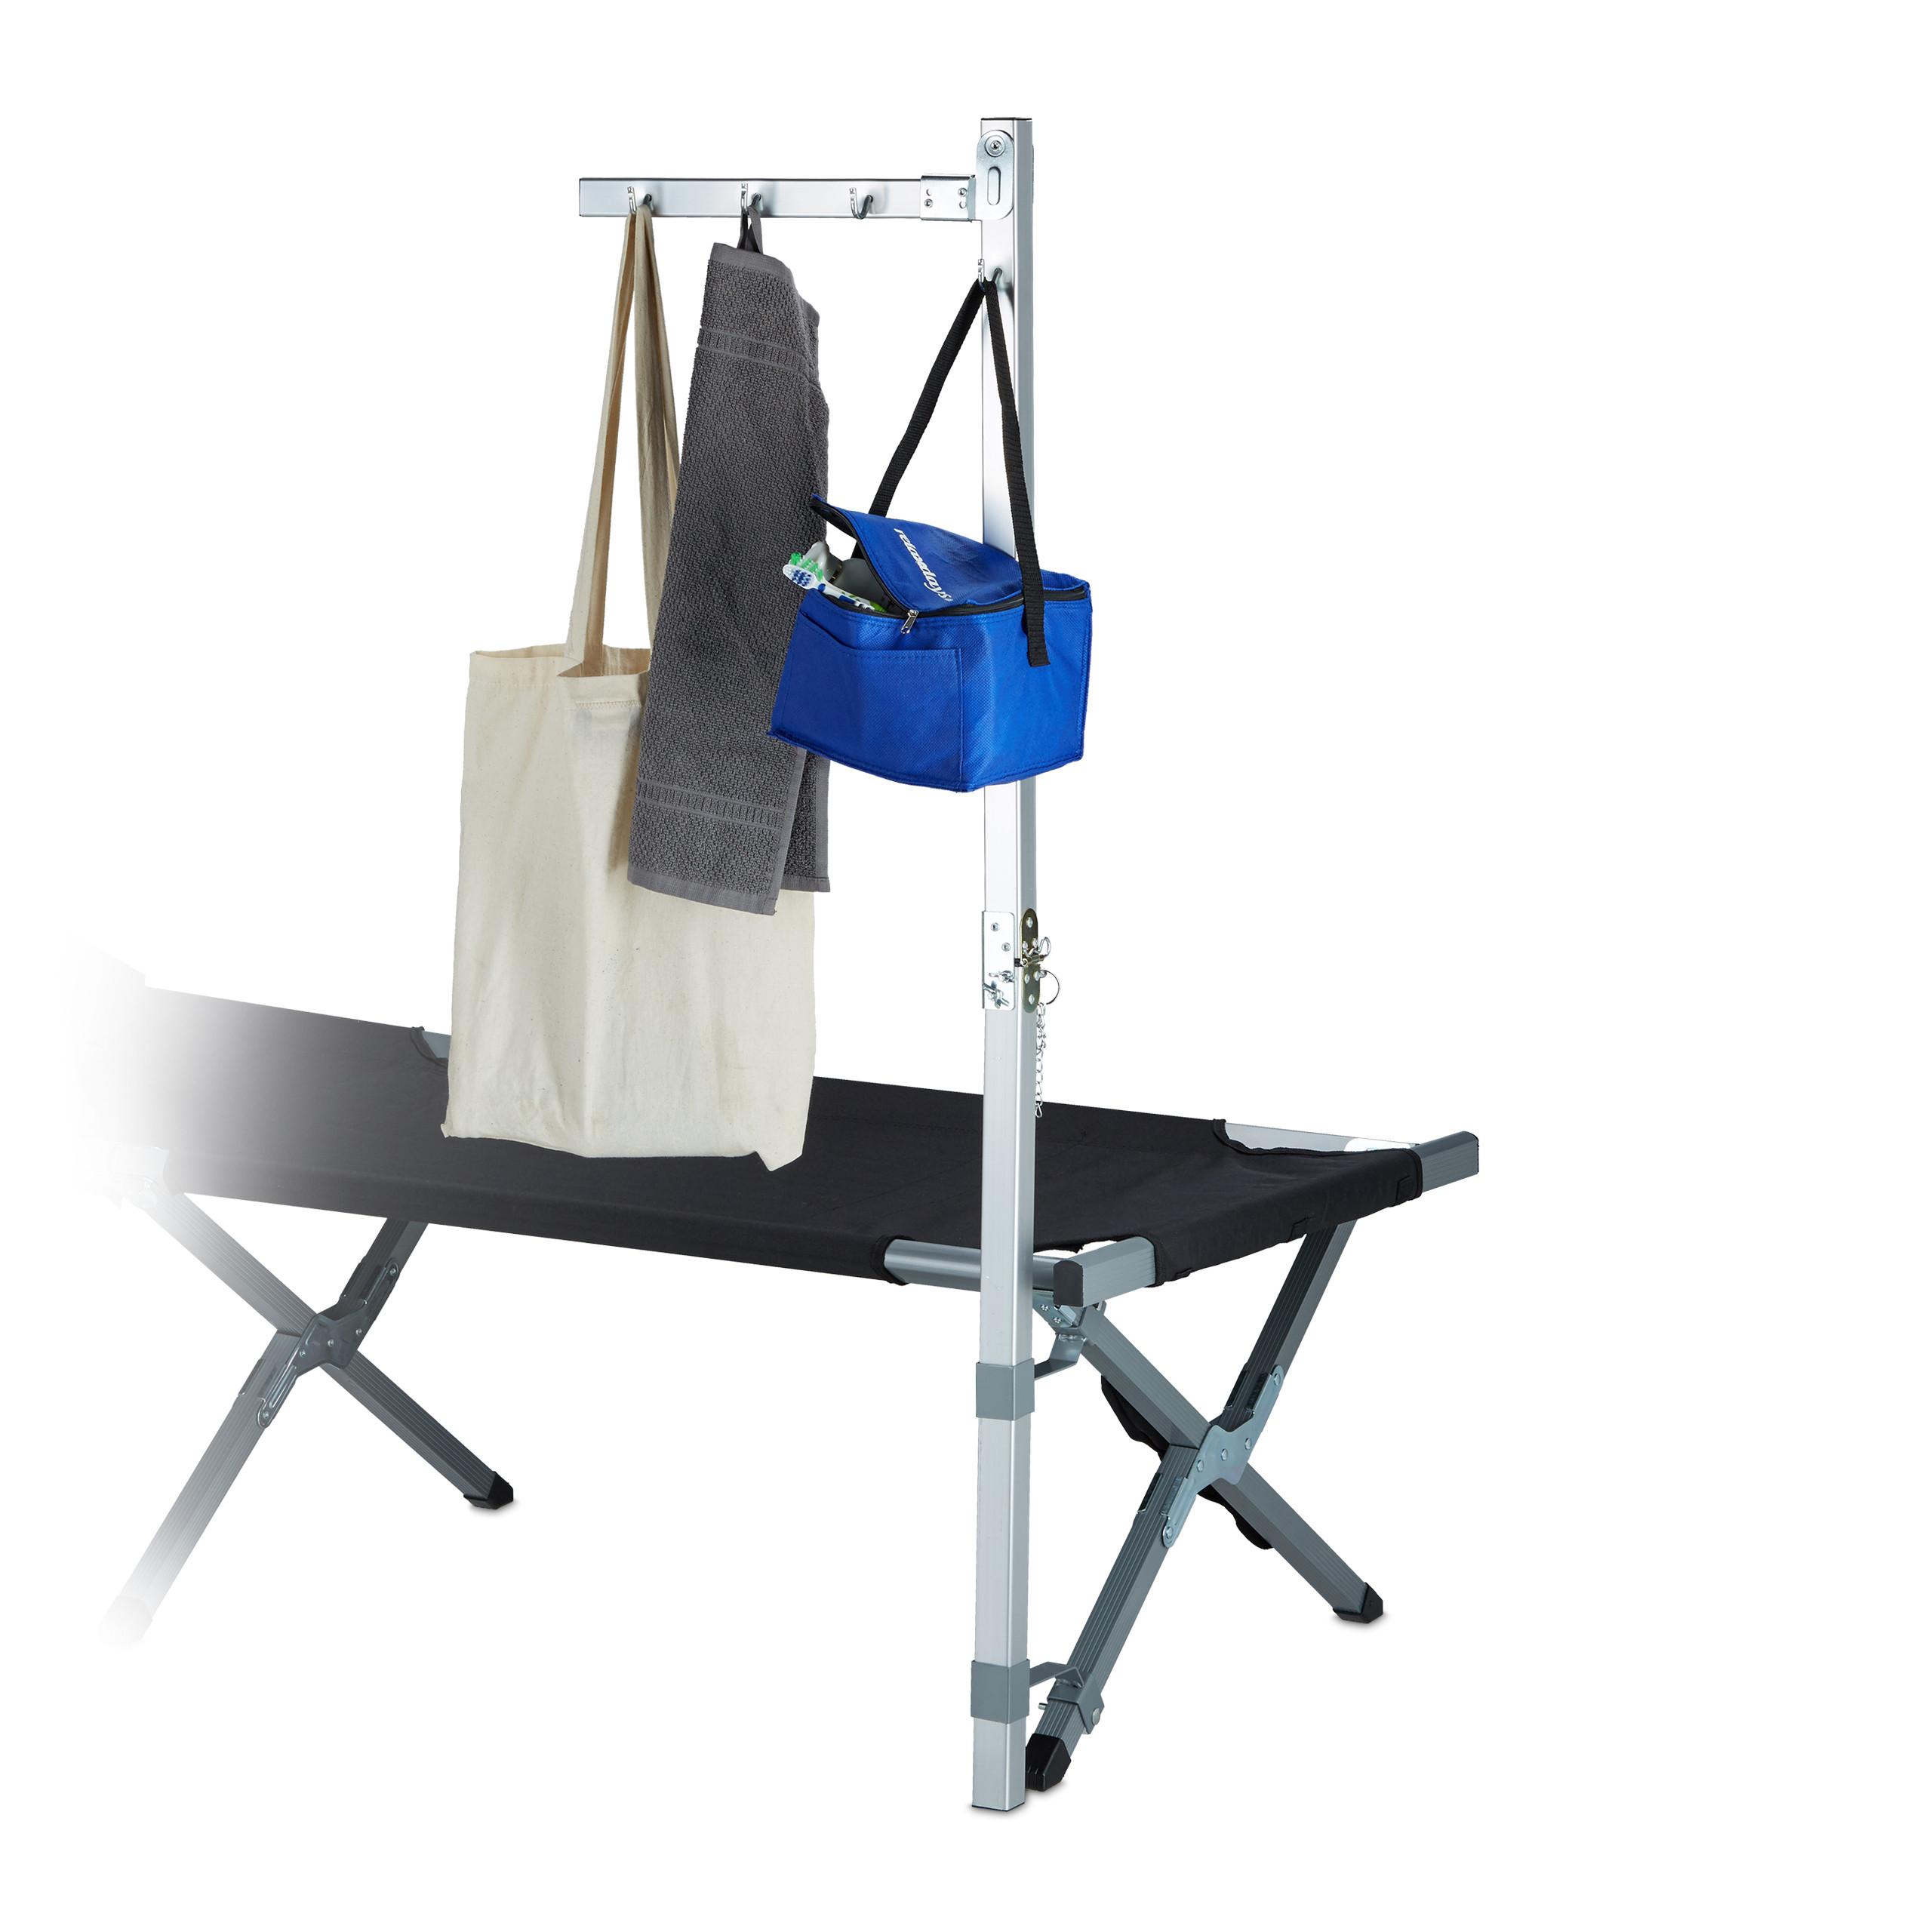 Kleiderständer Camping Aluminium Für Campingliegen Feldbett Silber